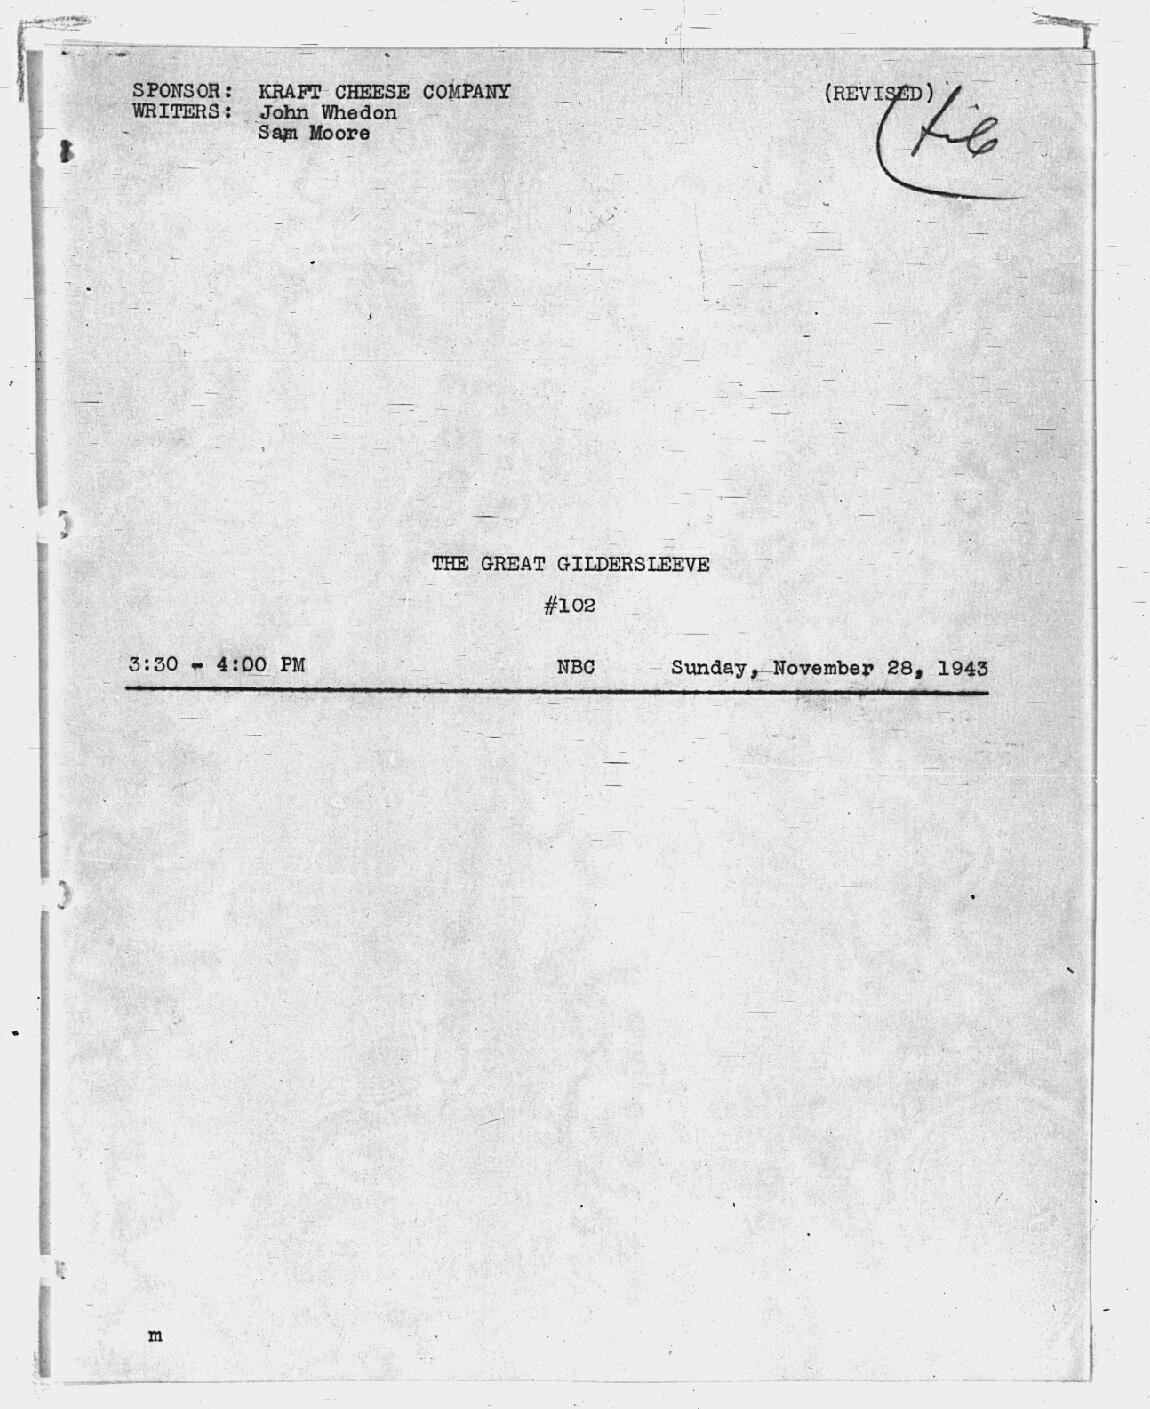 Script Cover Page